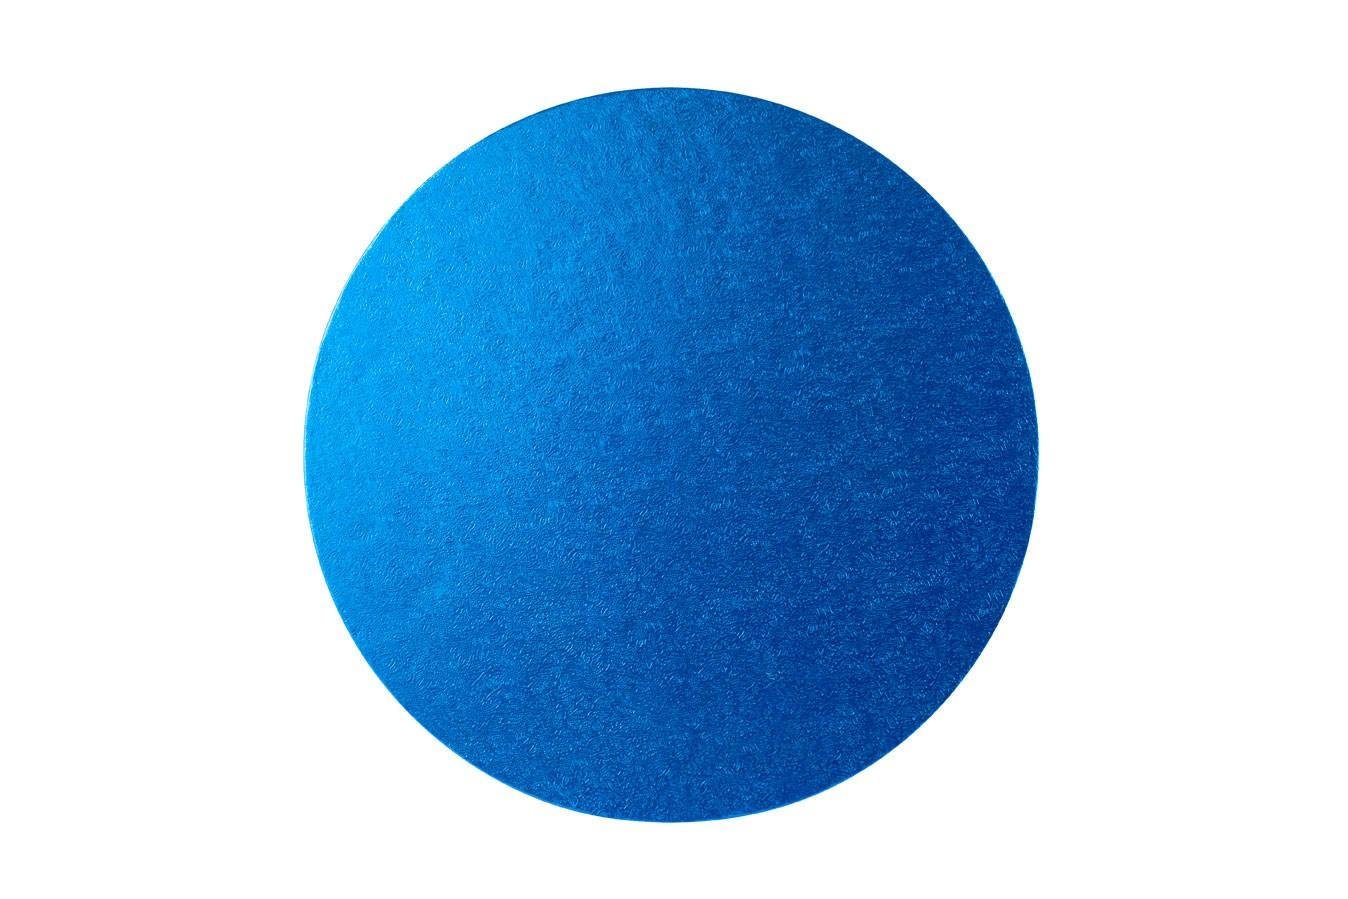 Plateau à gâteaux rond – Bleu foncé – Choisir la taille